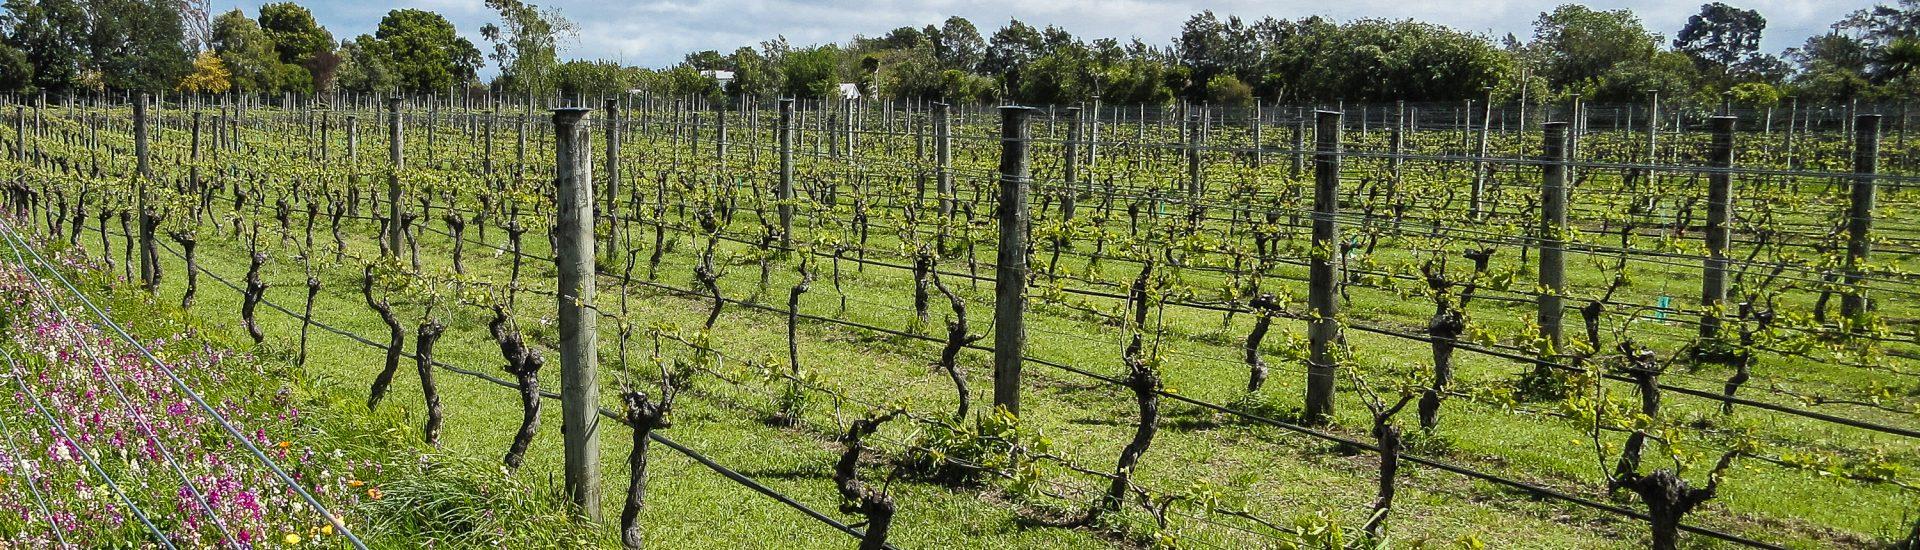 Martinborough Wineries, sauvignon blanc, New Zealand WIne